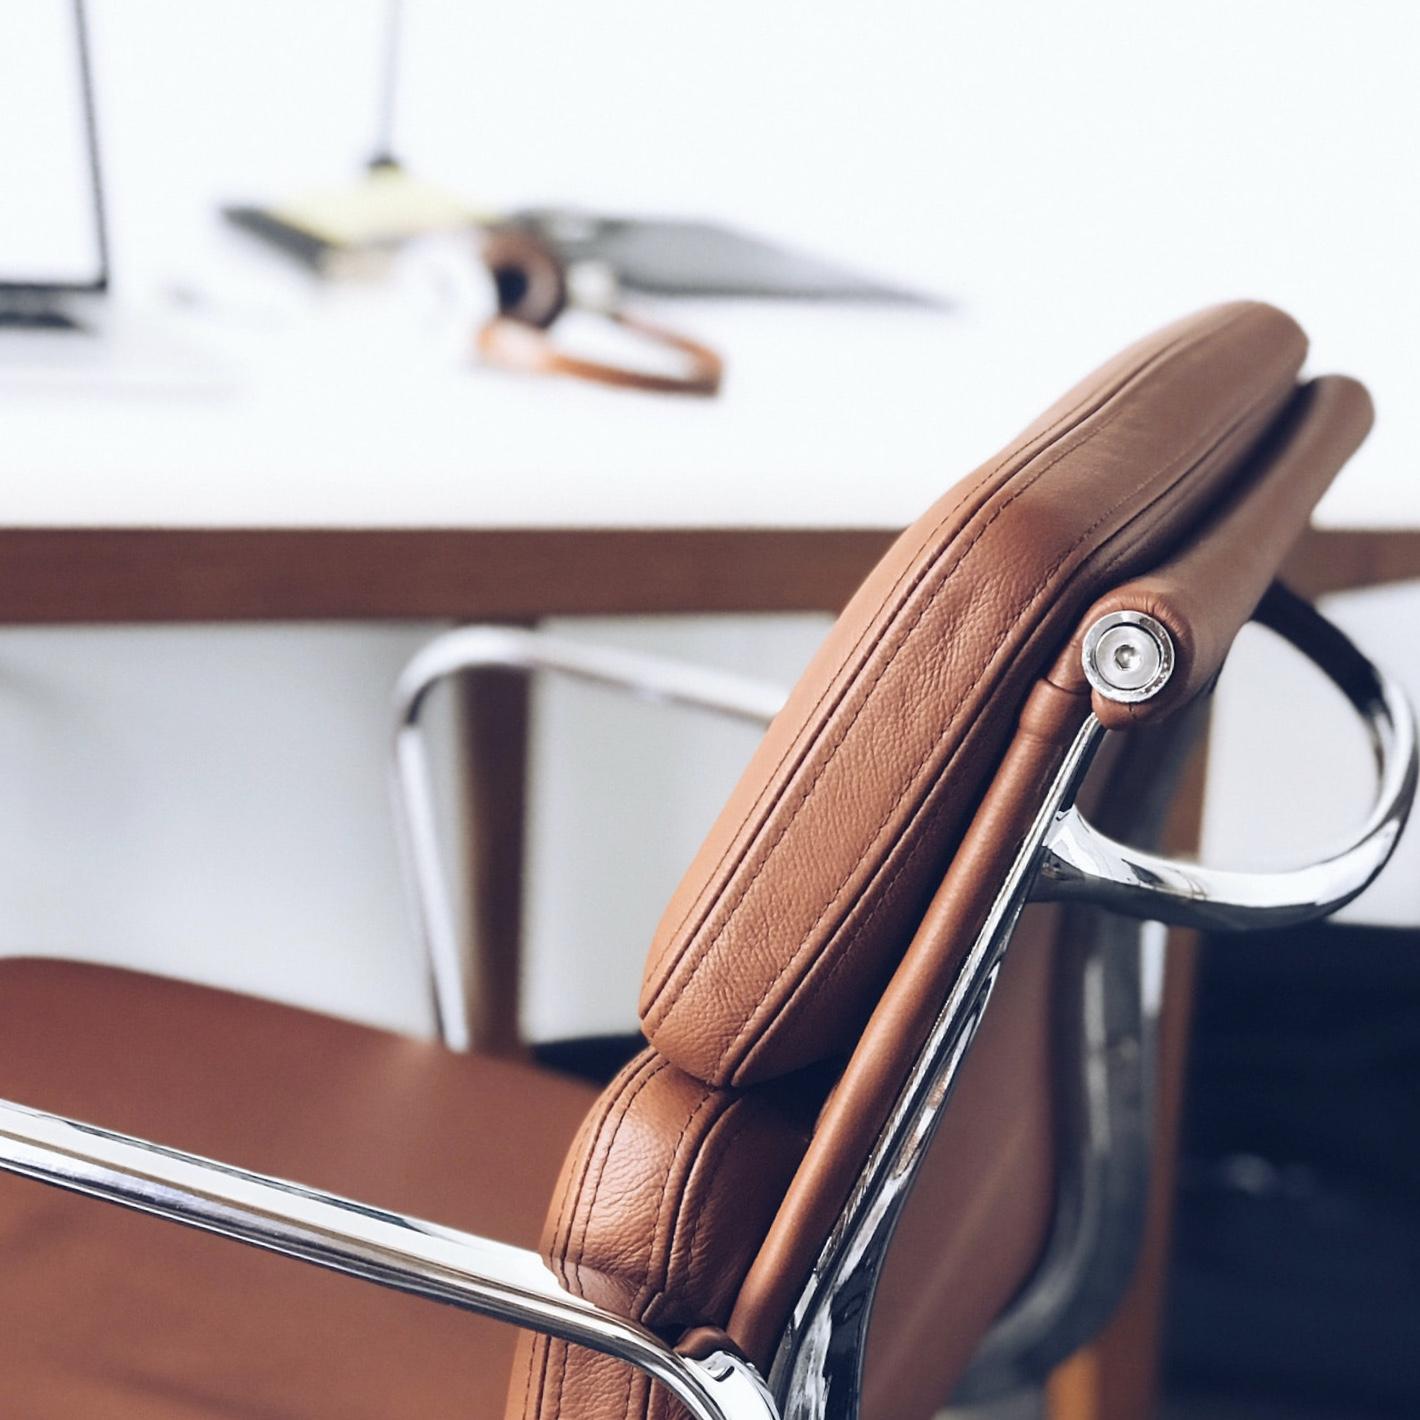 テレワーク・リモートワークの椅子は個人でレンタルできるのイメージ画像